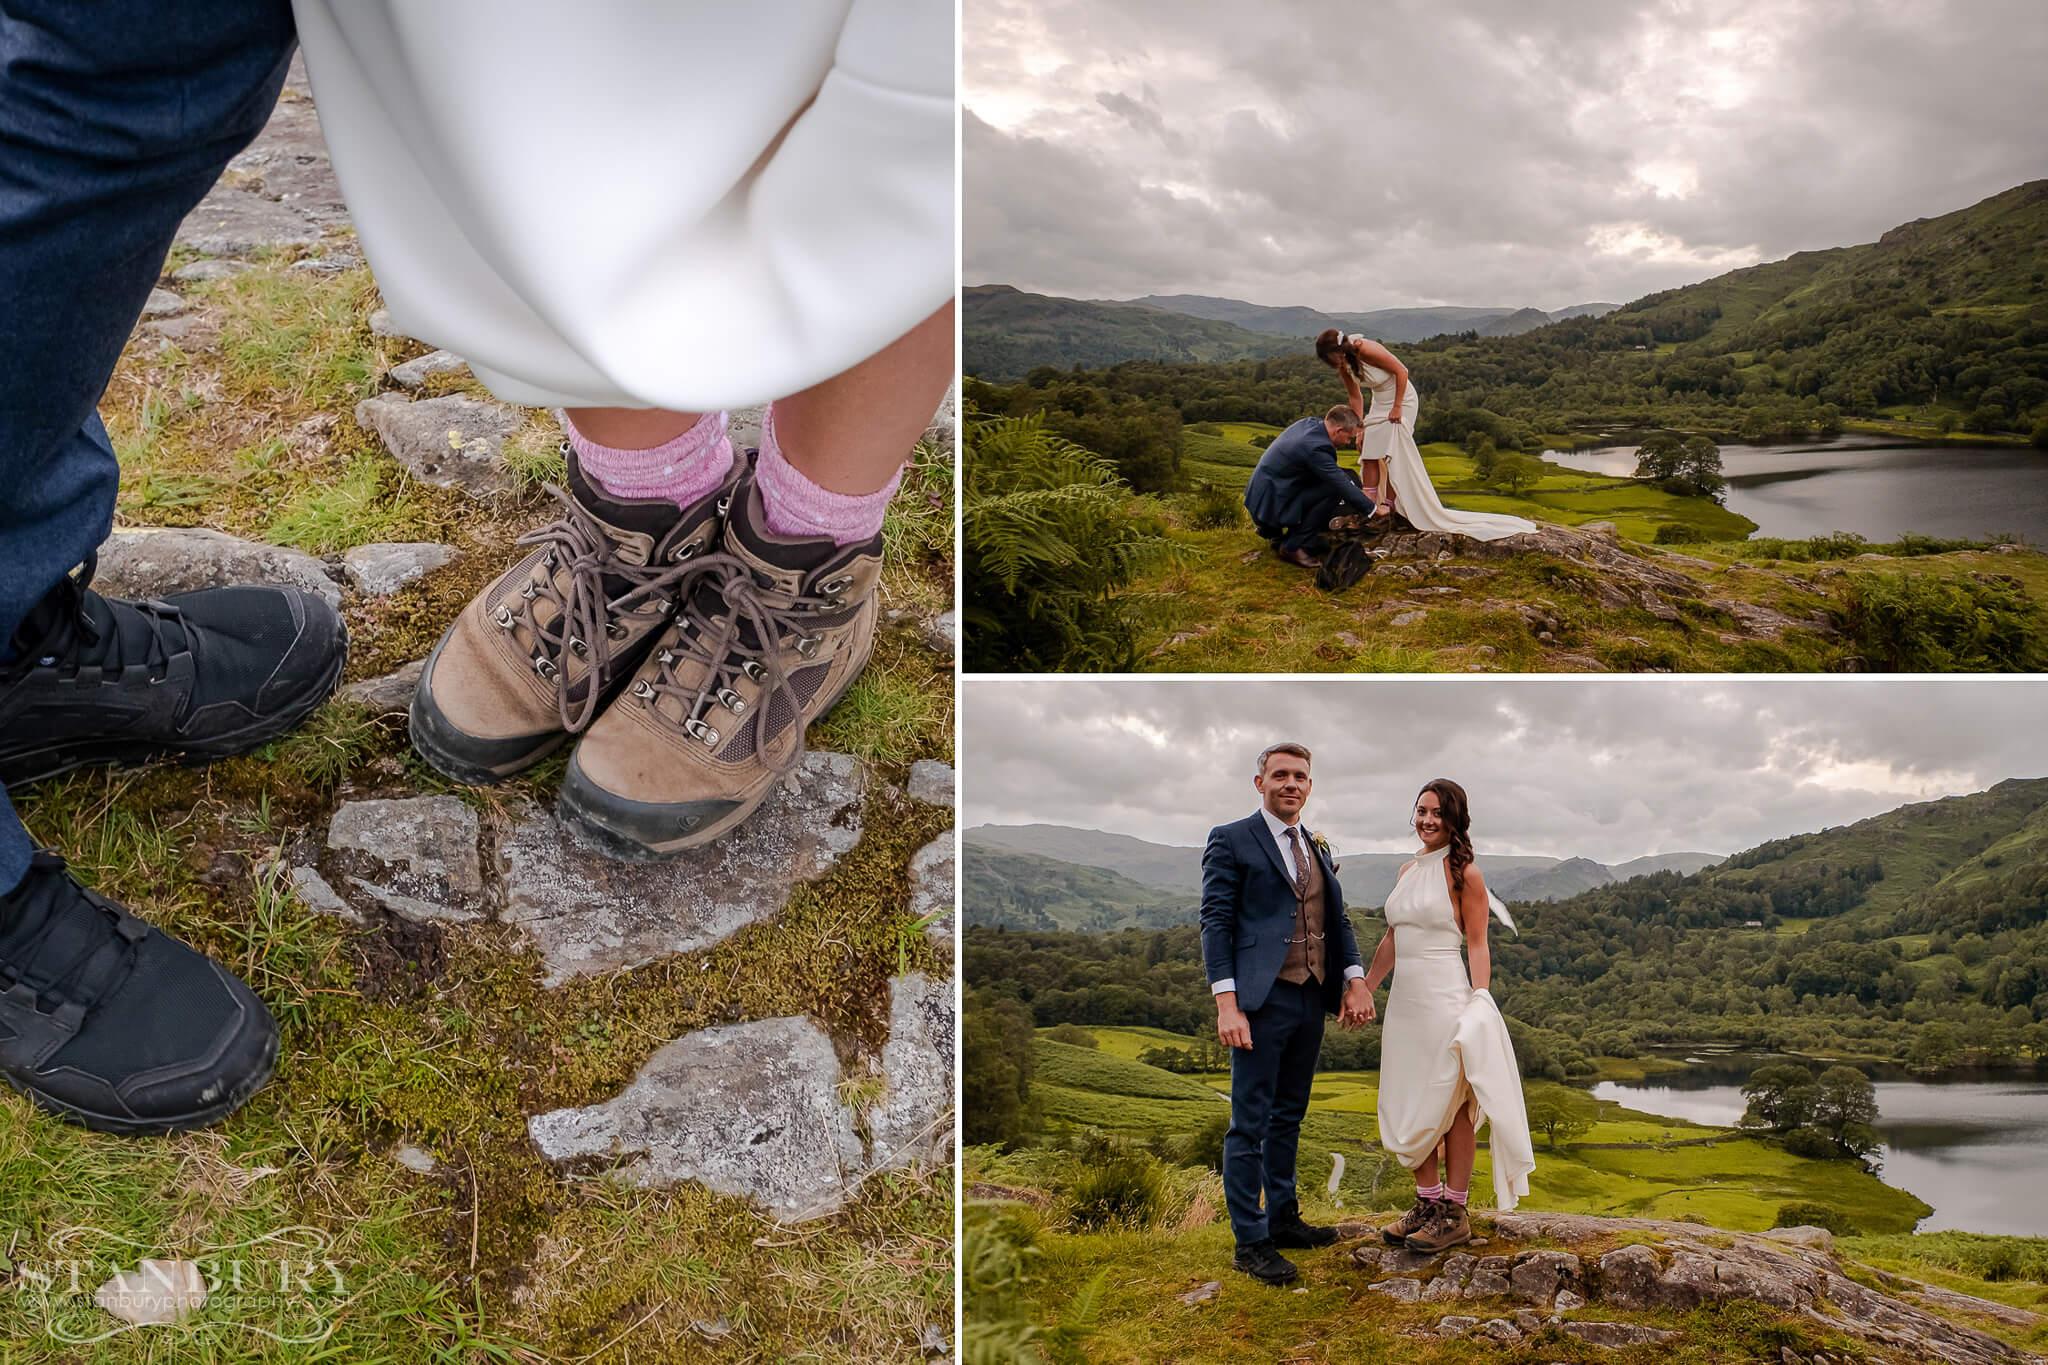 hiking-lakes-wedding